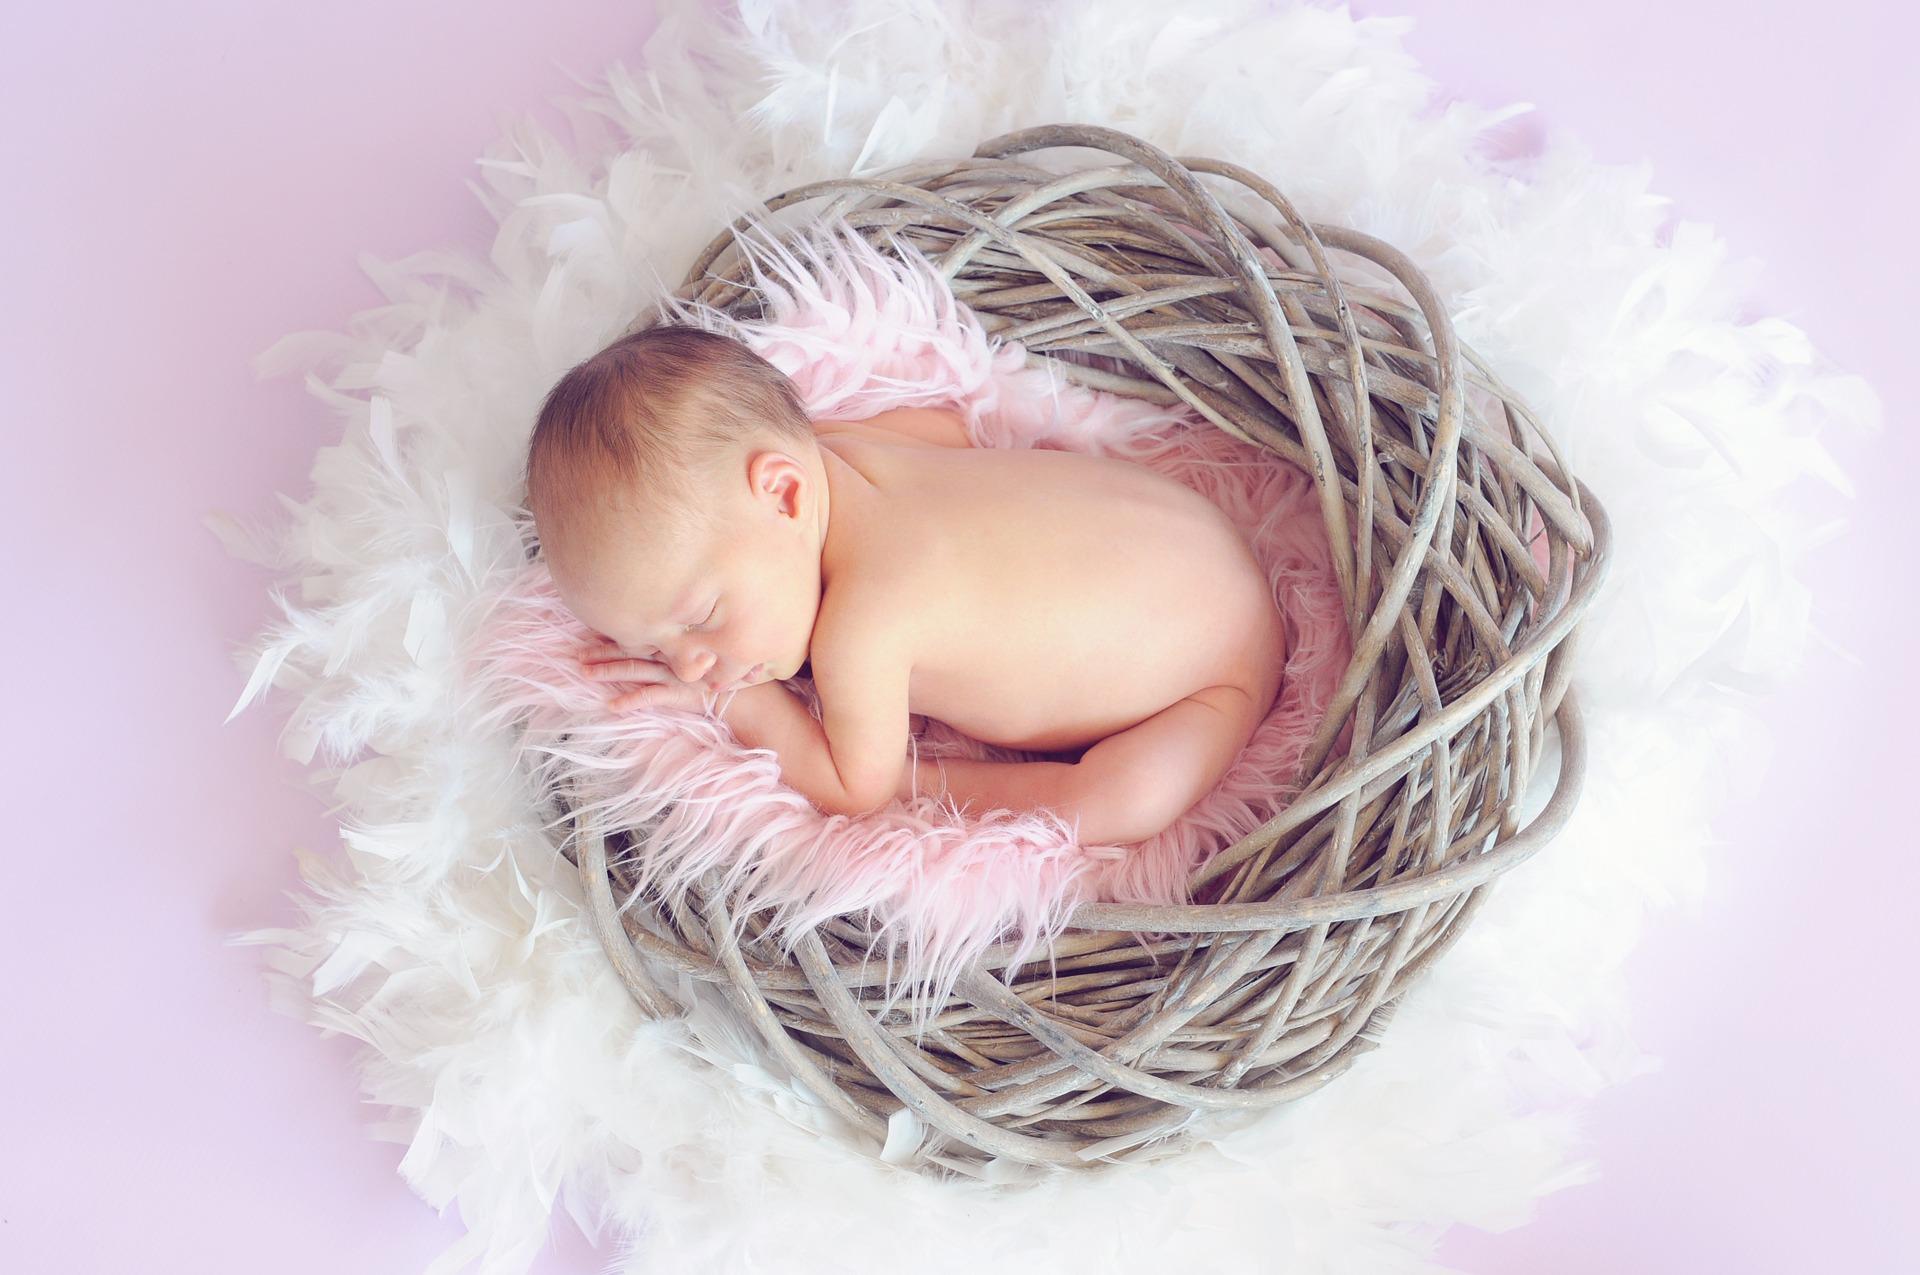 Anestesia epidural durante el parto: riesgos y ventajas